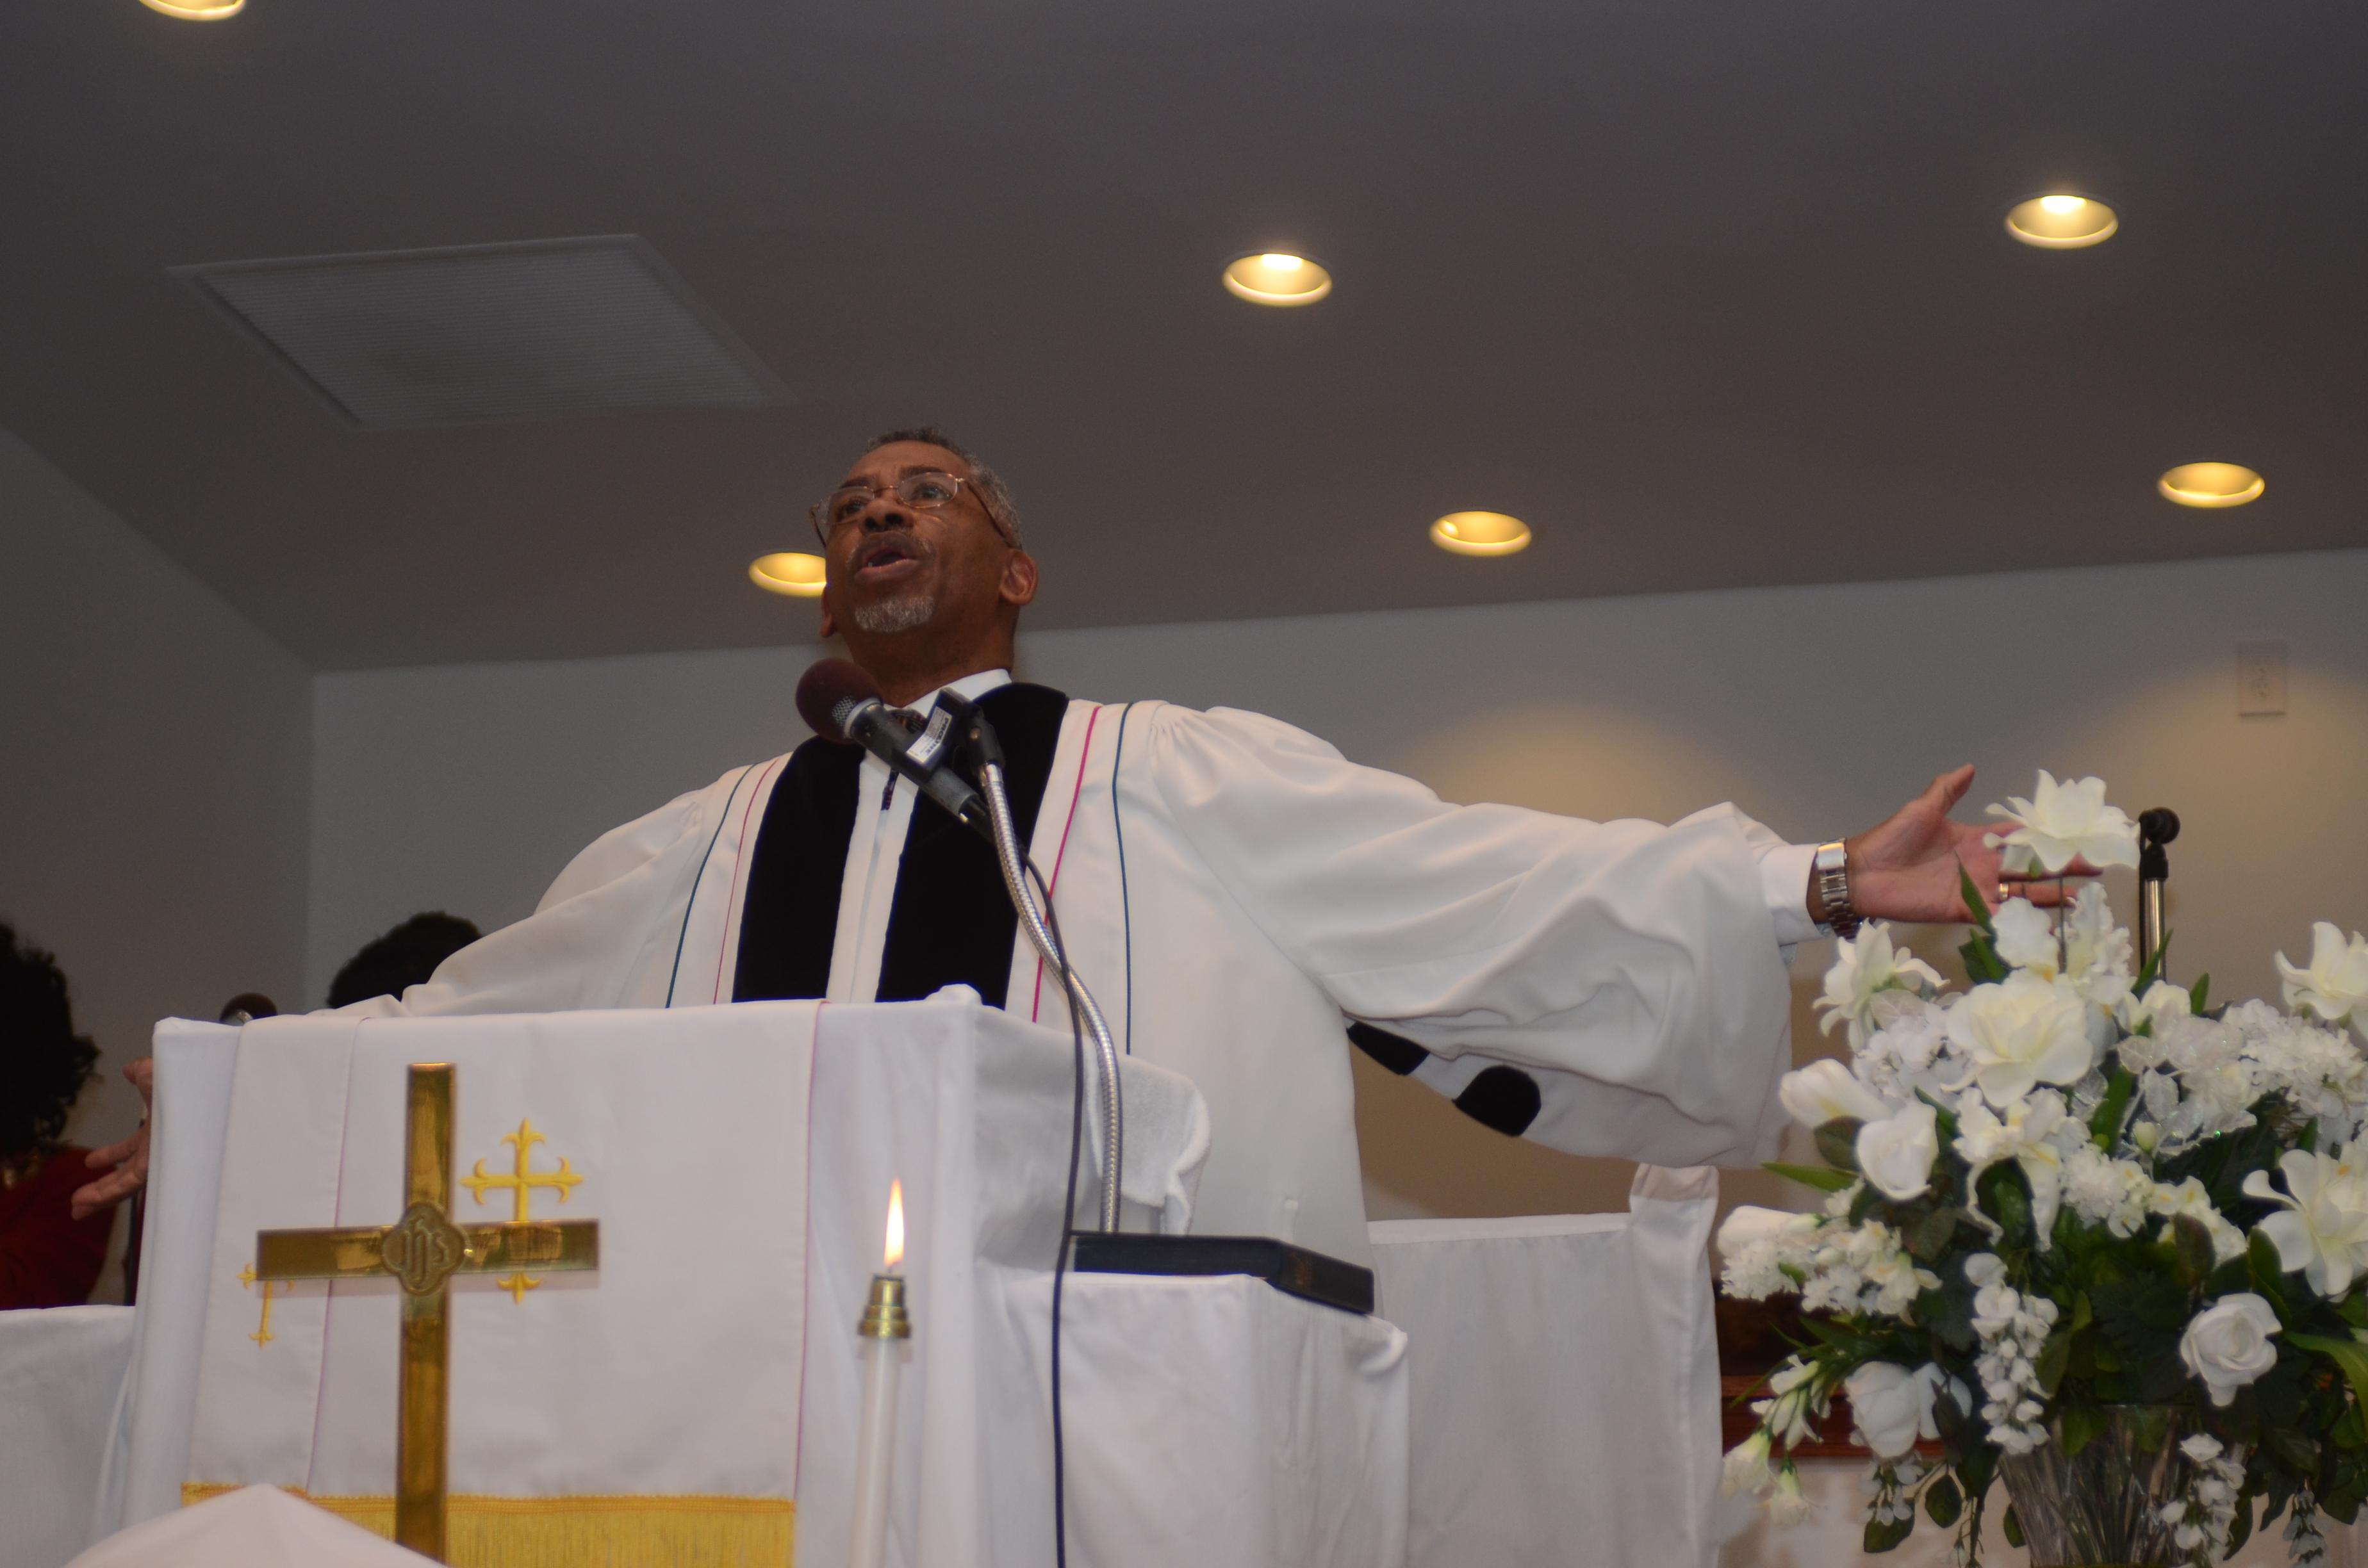 filename_0=St. James A.M.E. Church Male Chorus 28th Anniversary   Servic;filename_1=e 006